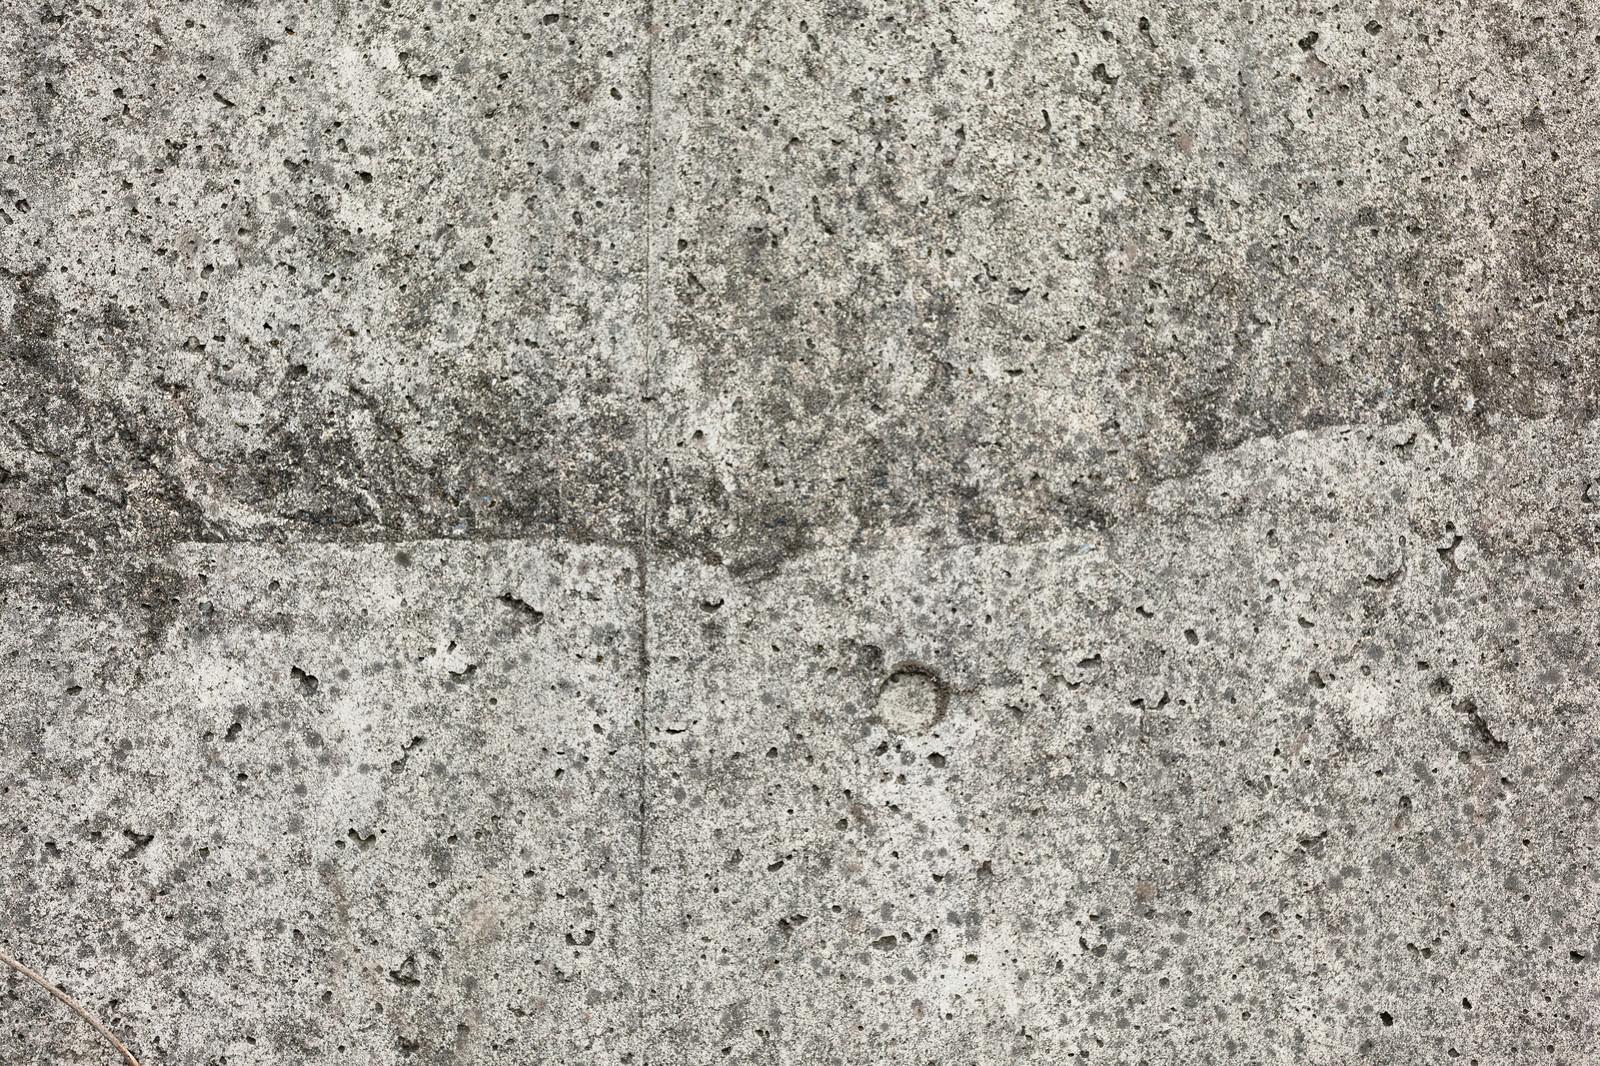 「粗いブロック塀(テクスチャ)」の写真